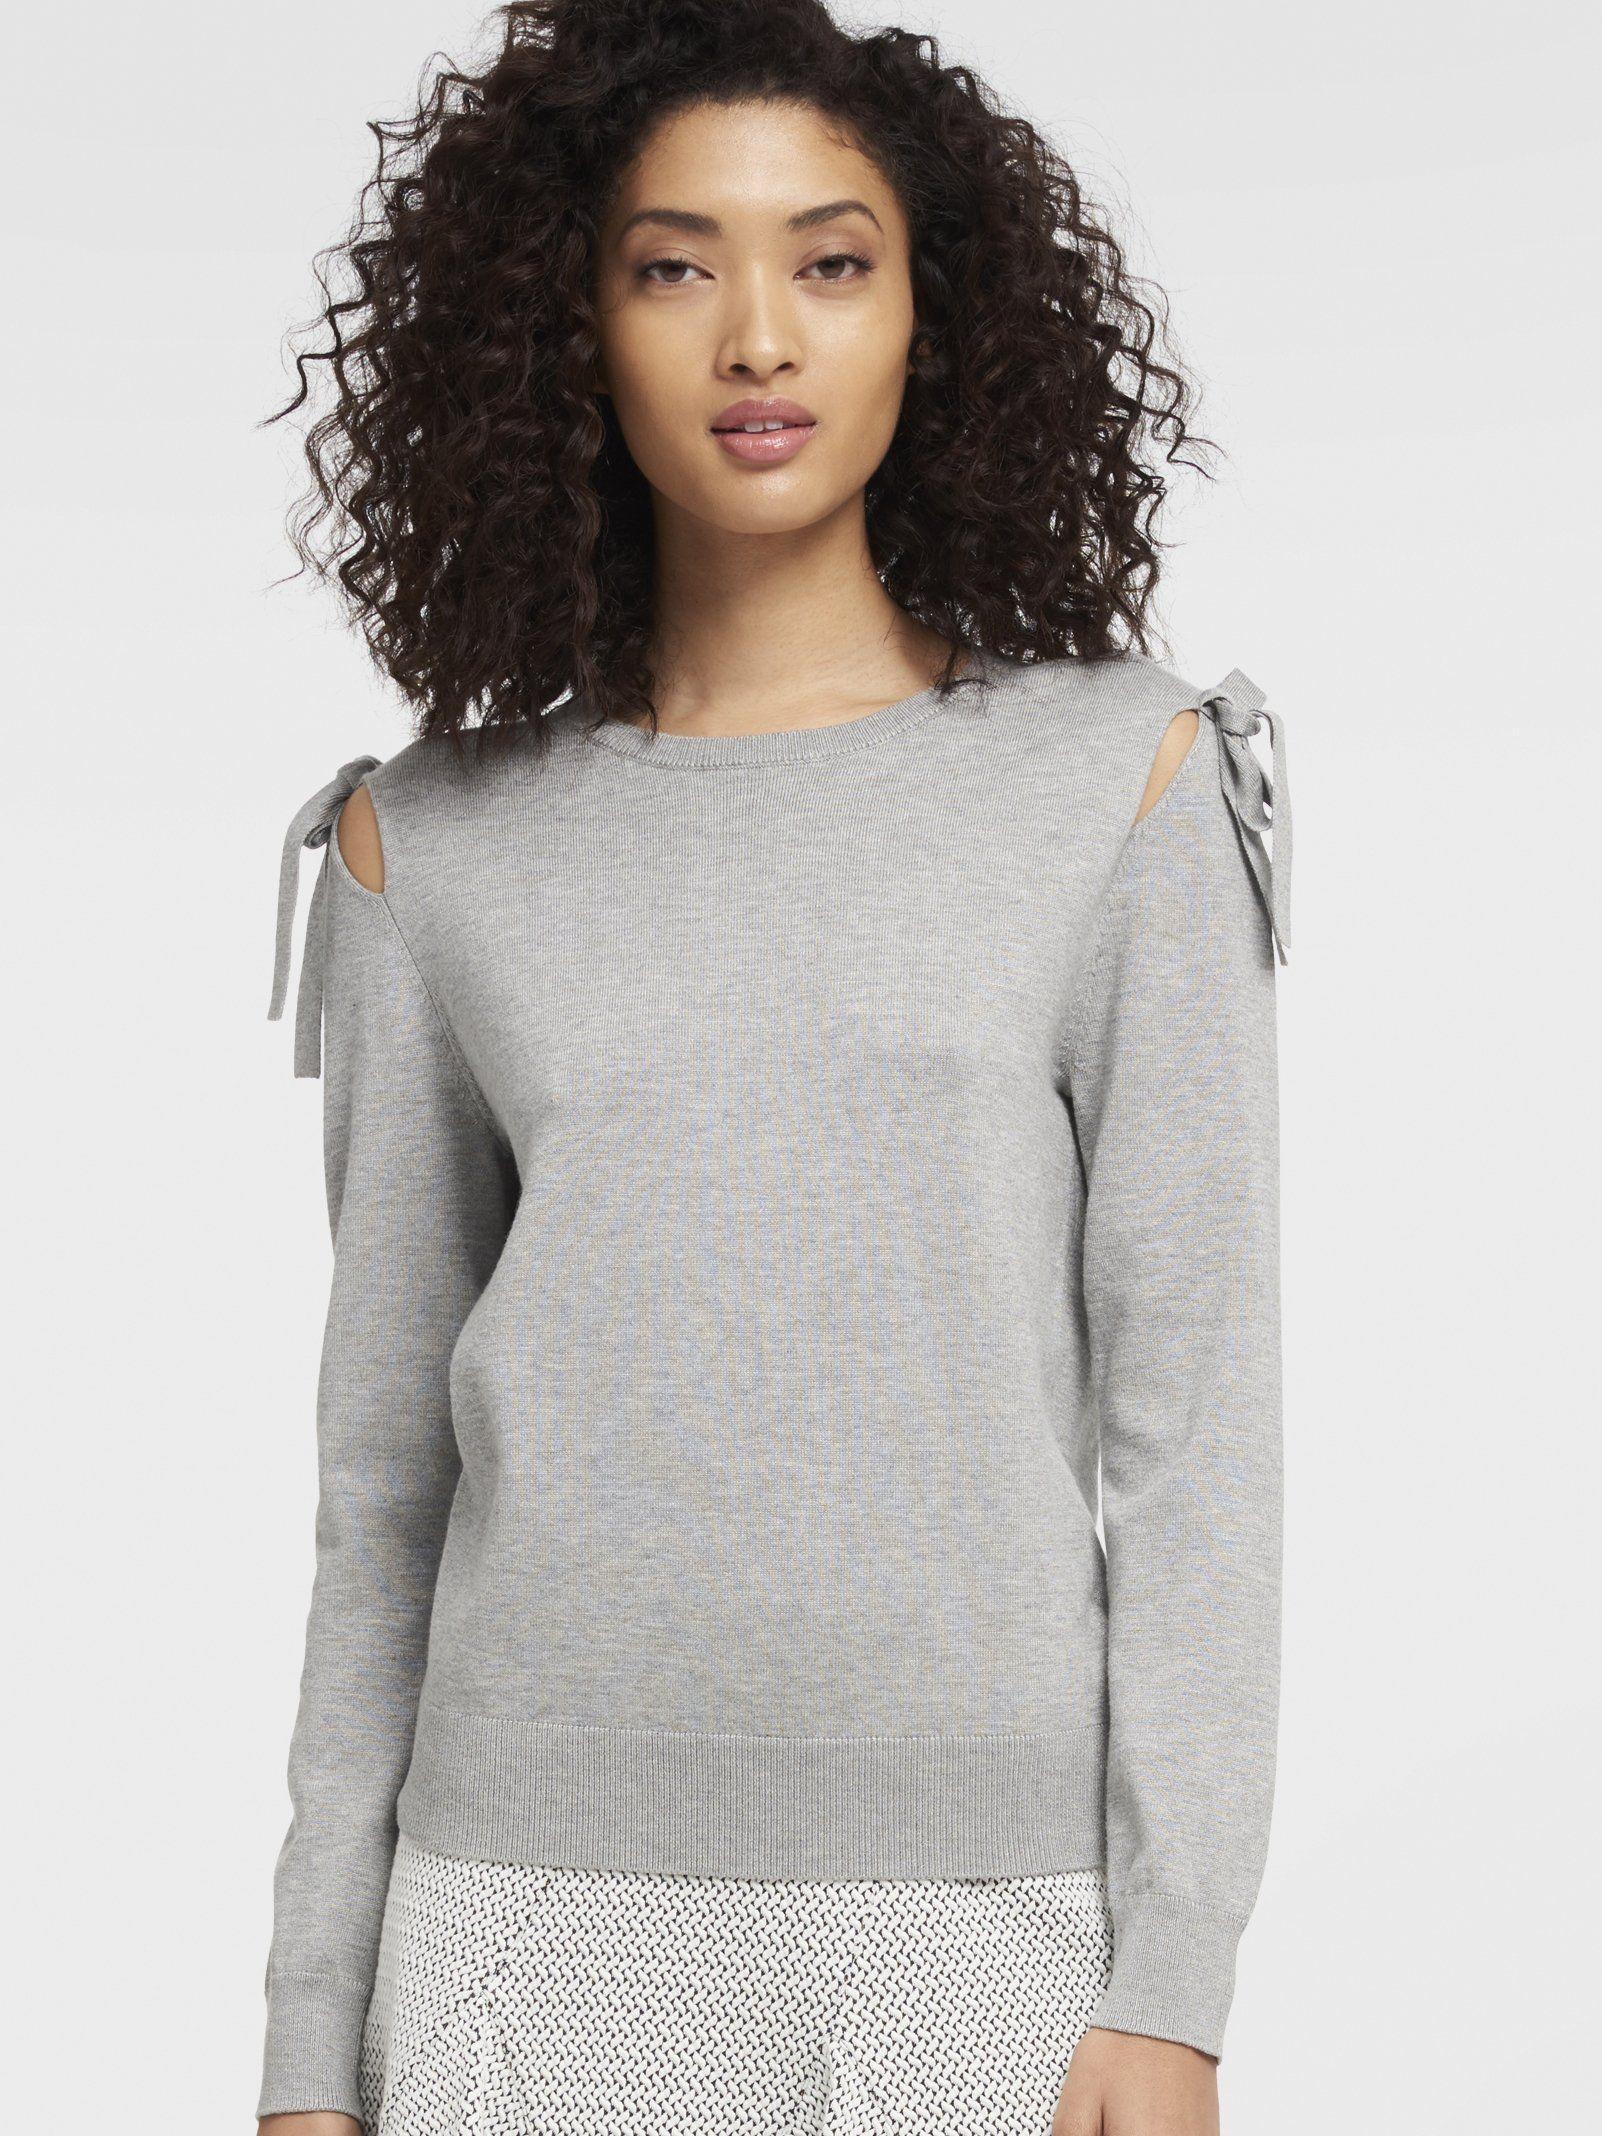 Однотонный джемпер с завязками и вырезами на плечах от DKNY